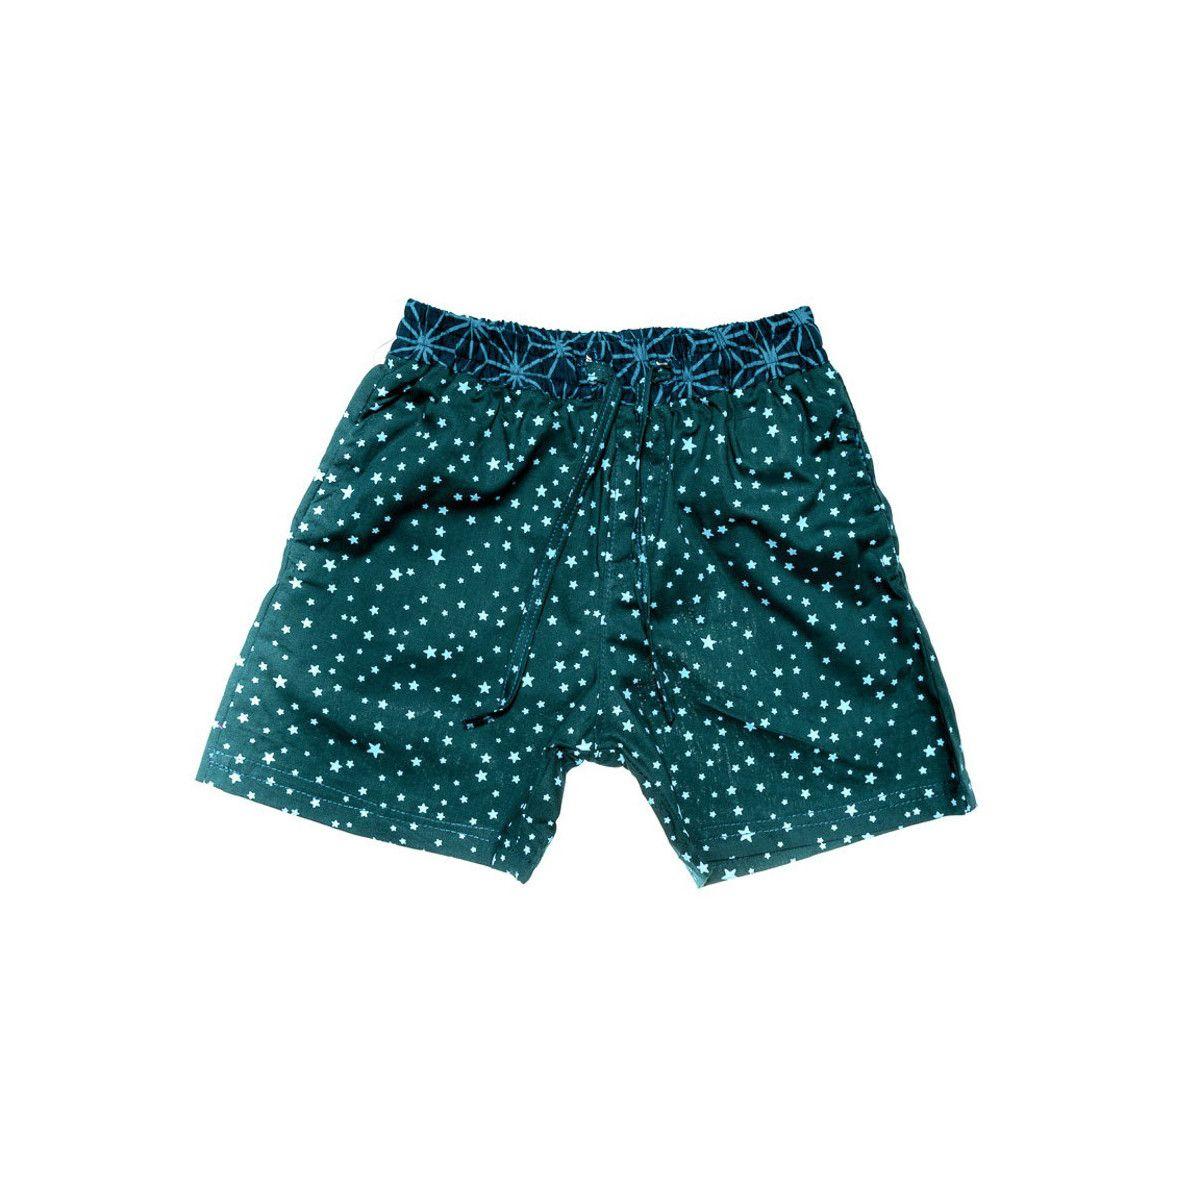 Short de bain coton enfant 2-8 ans bleu nuit étoiles